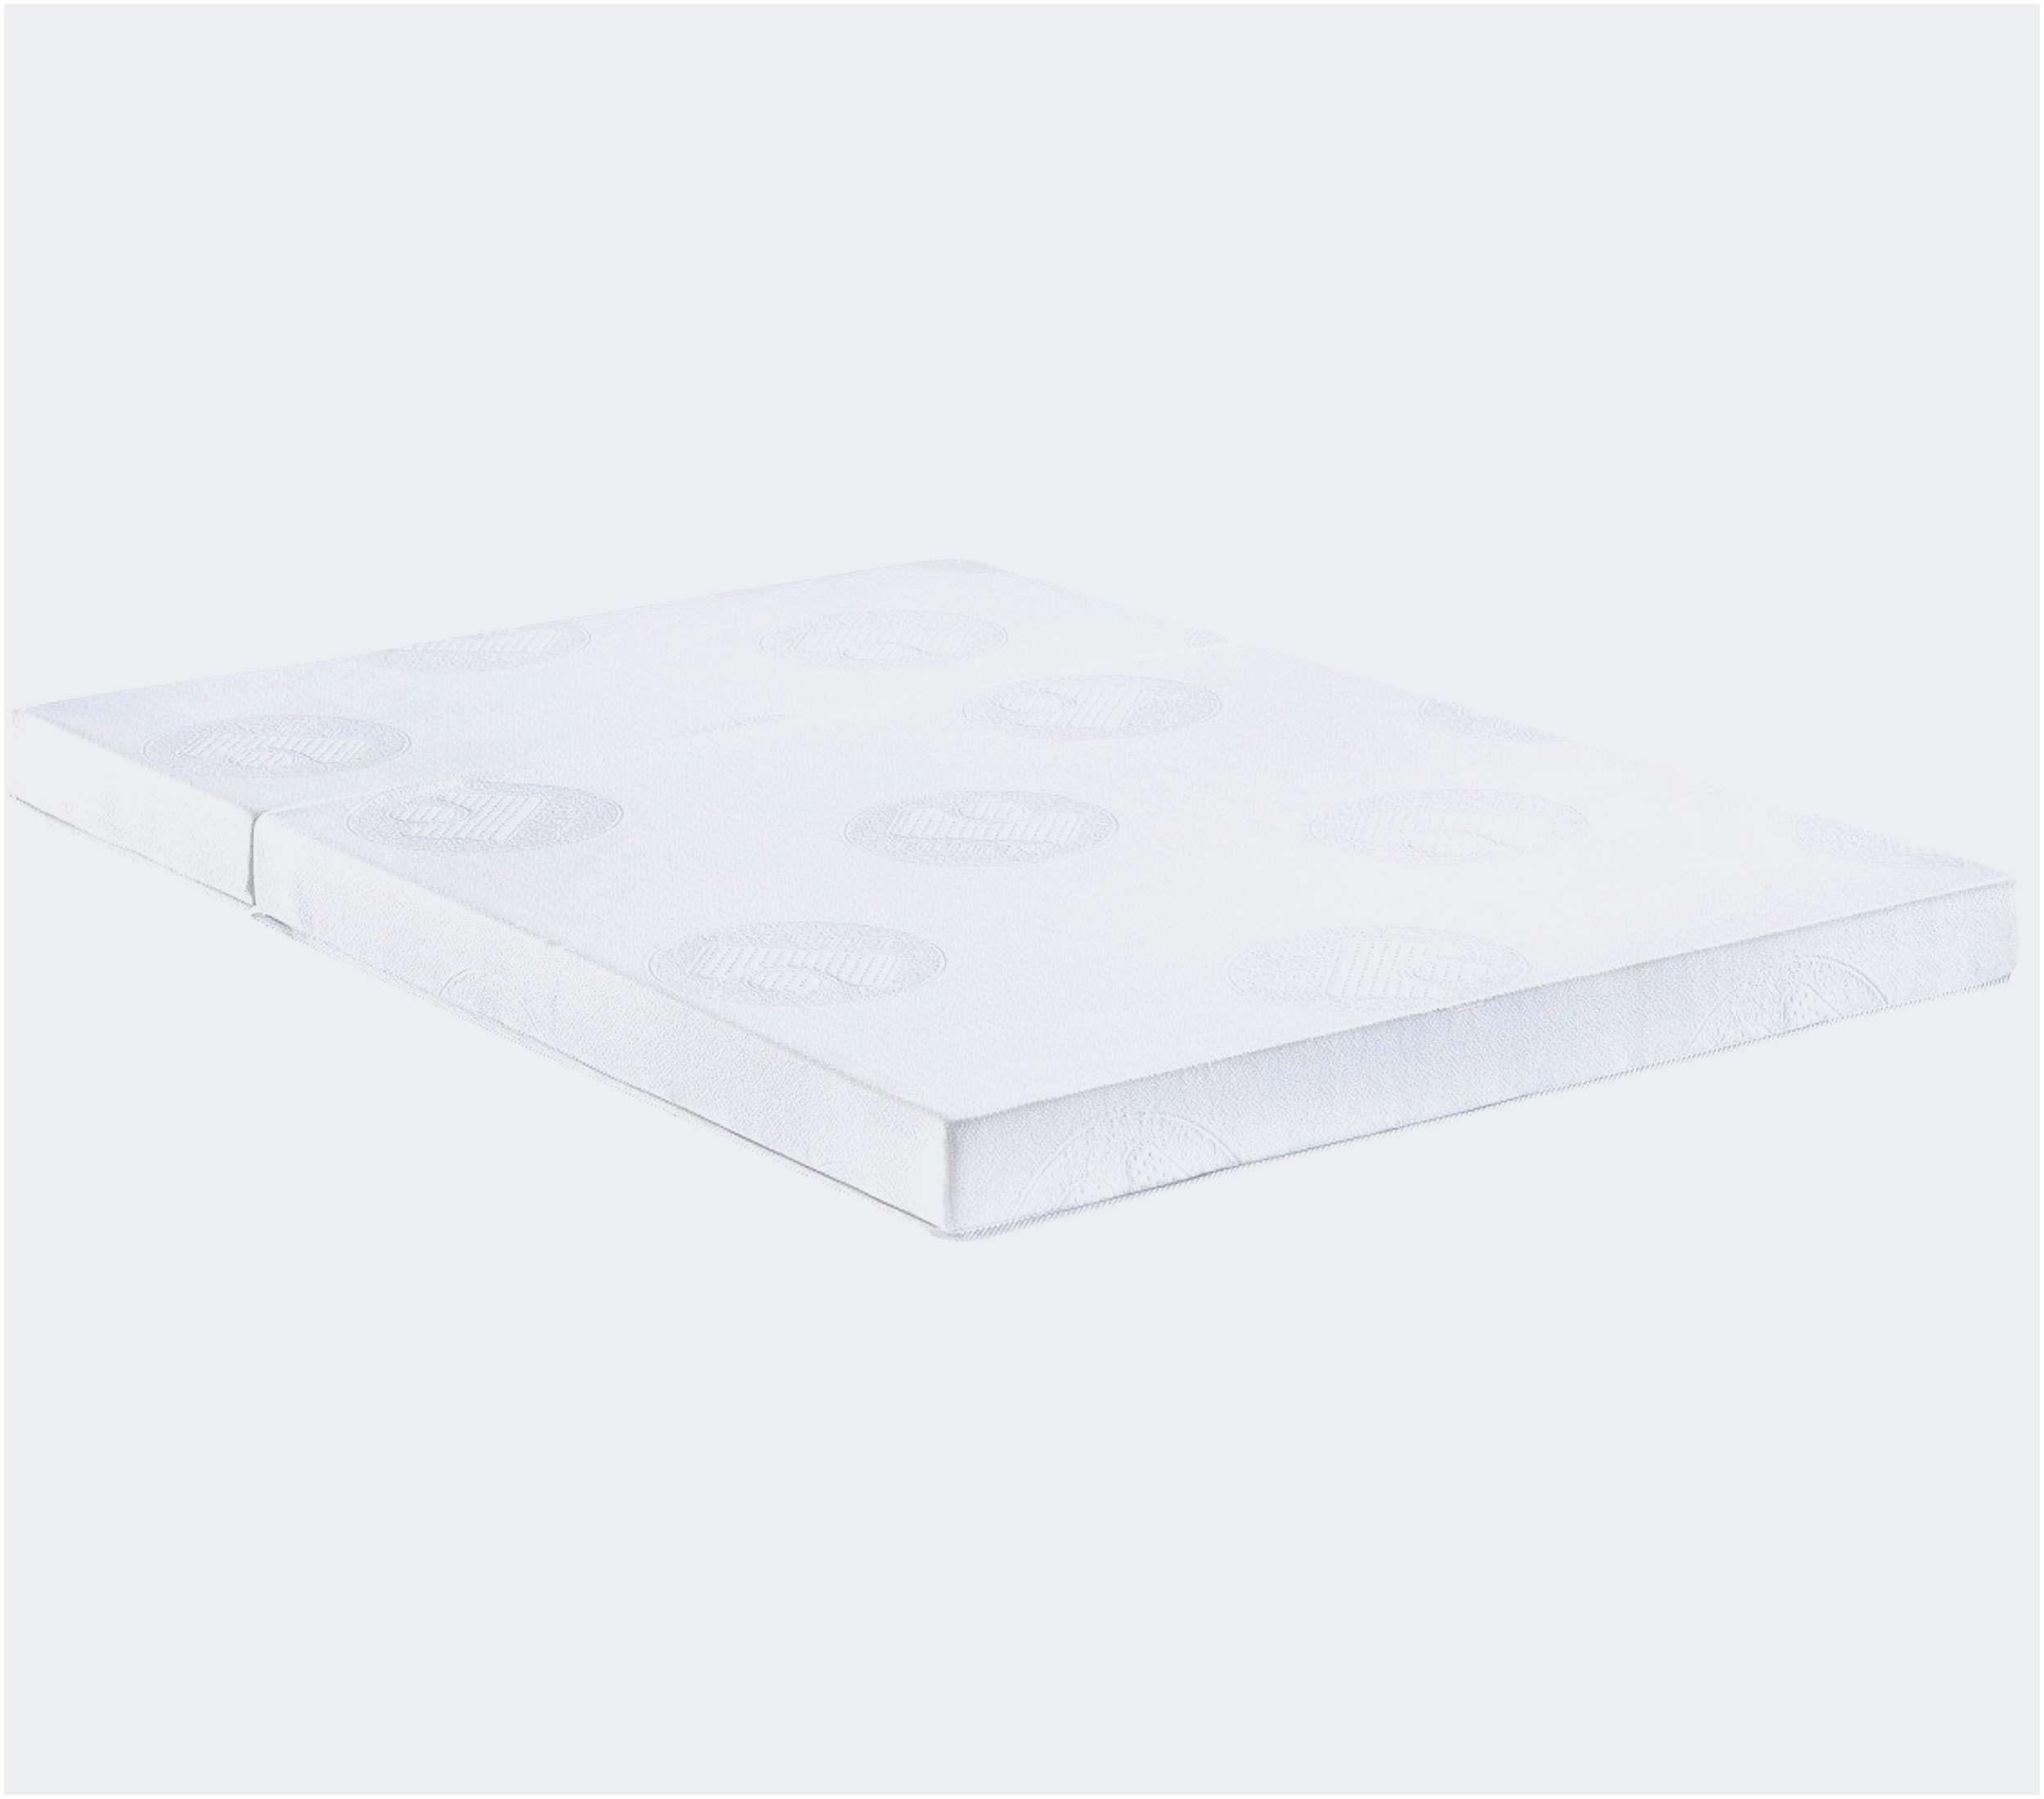 Lit Rond Avec Matelas Douce Impressionnant Lit Rond Ikea Sultan Housse Matelas Ikea Simple